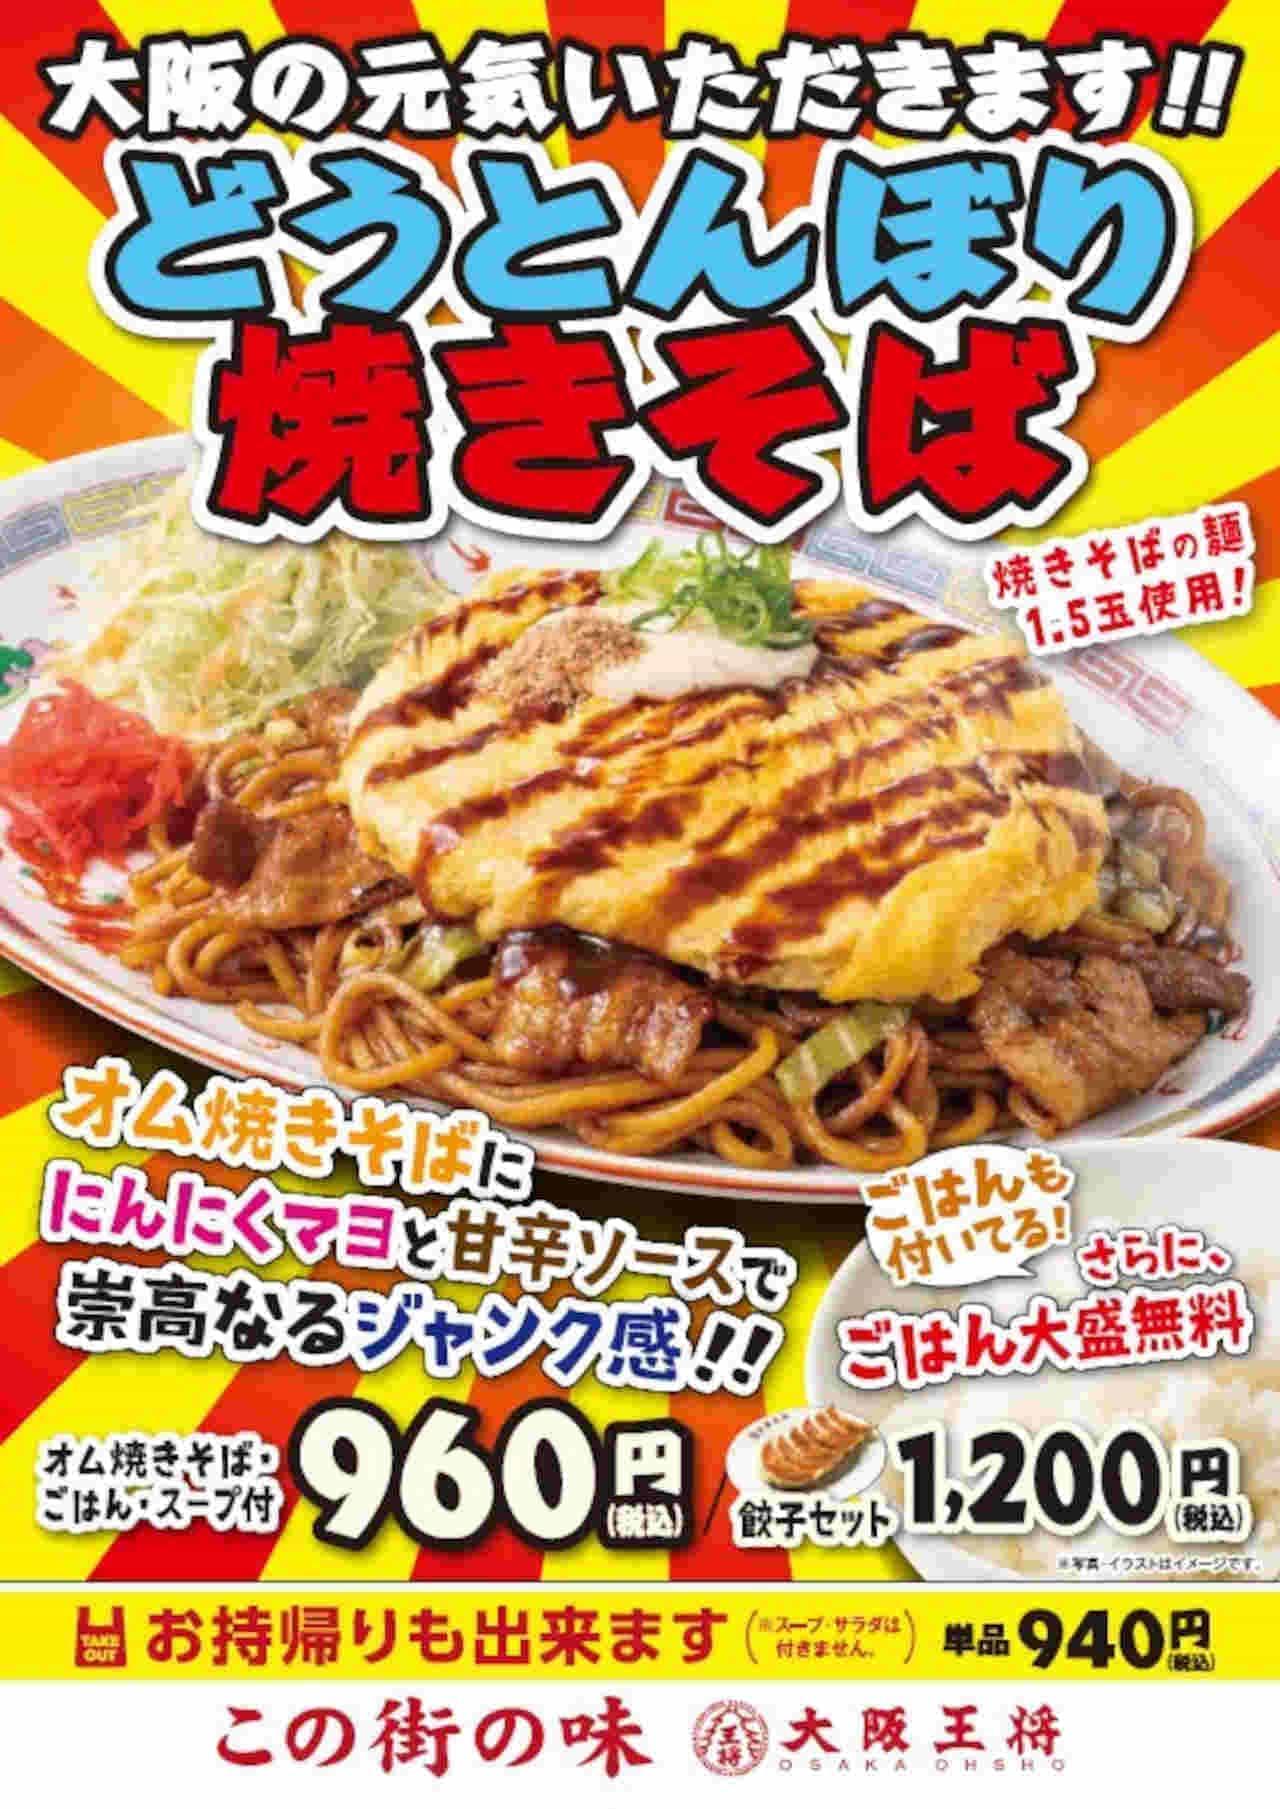 大阪王将「大阪の元気いただきます!道頓堀焼きそば」「最高の元気いただきます!虎トラオム焼きそば」など